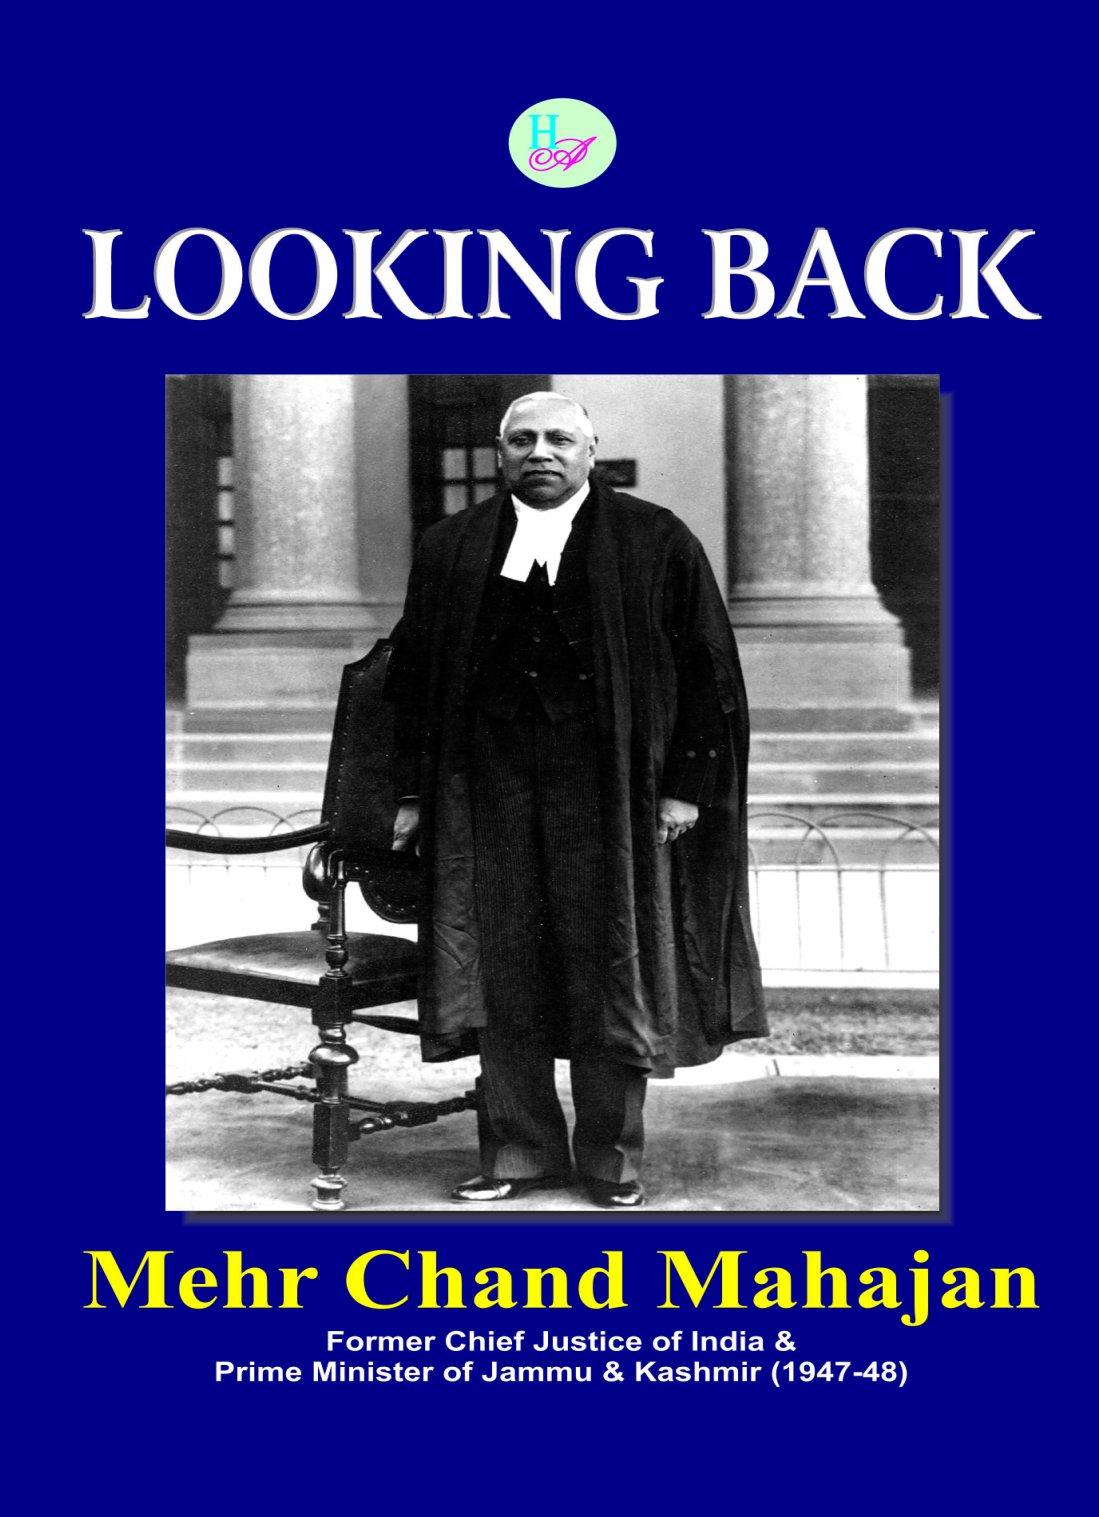 mehr chand mahajan